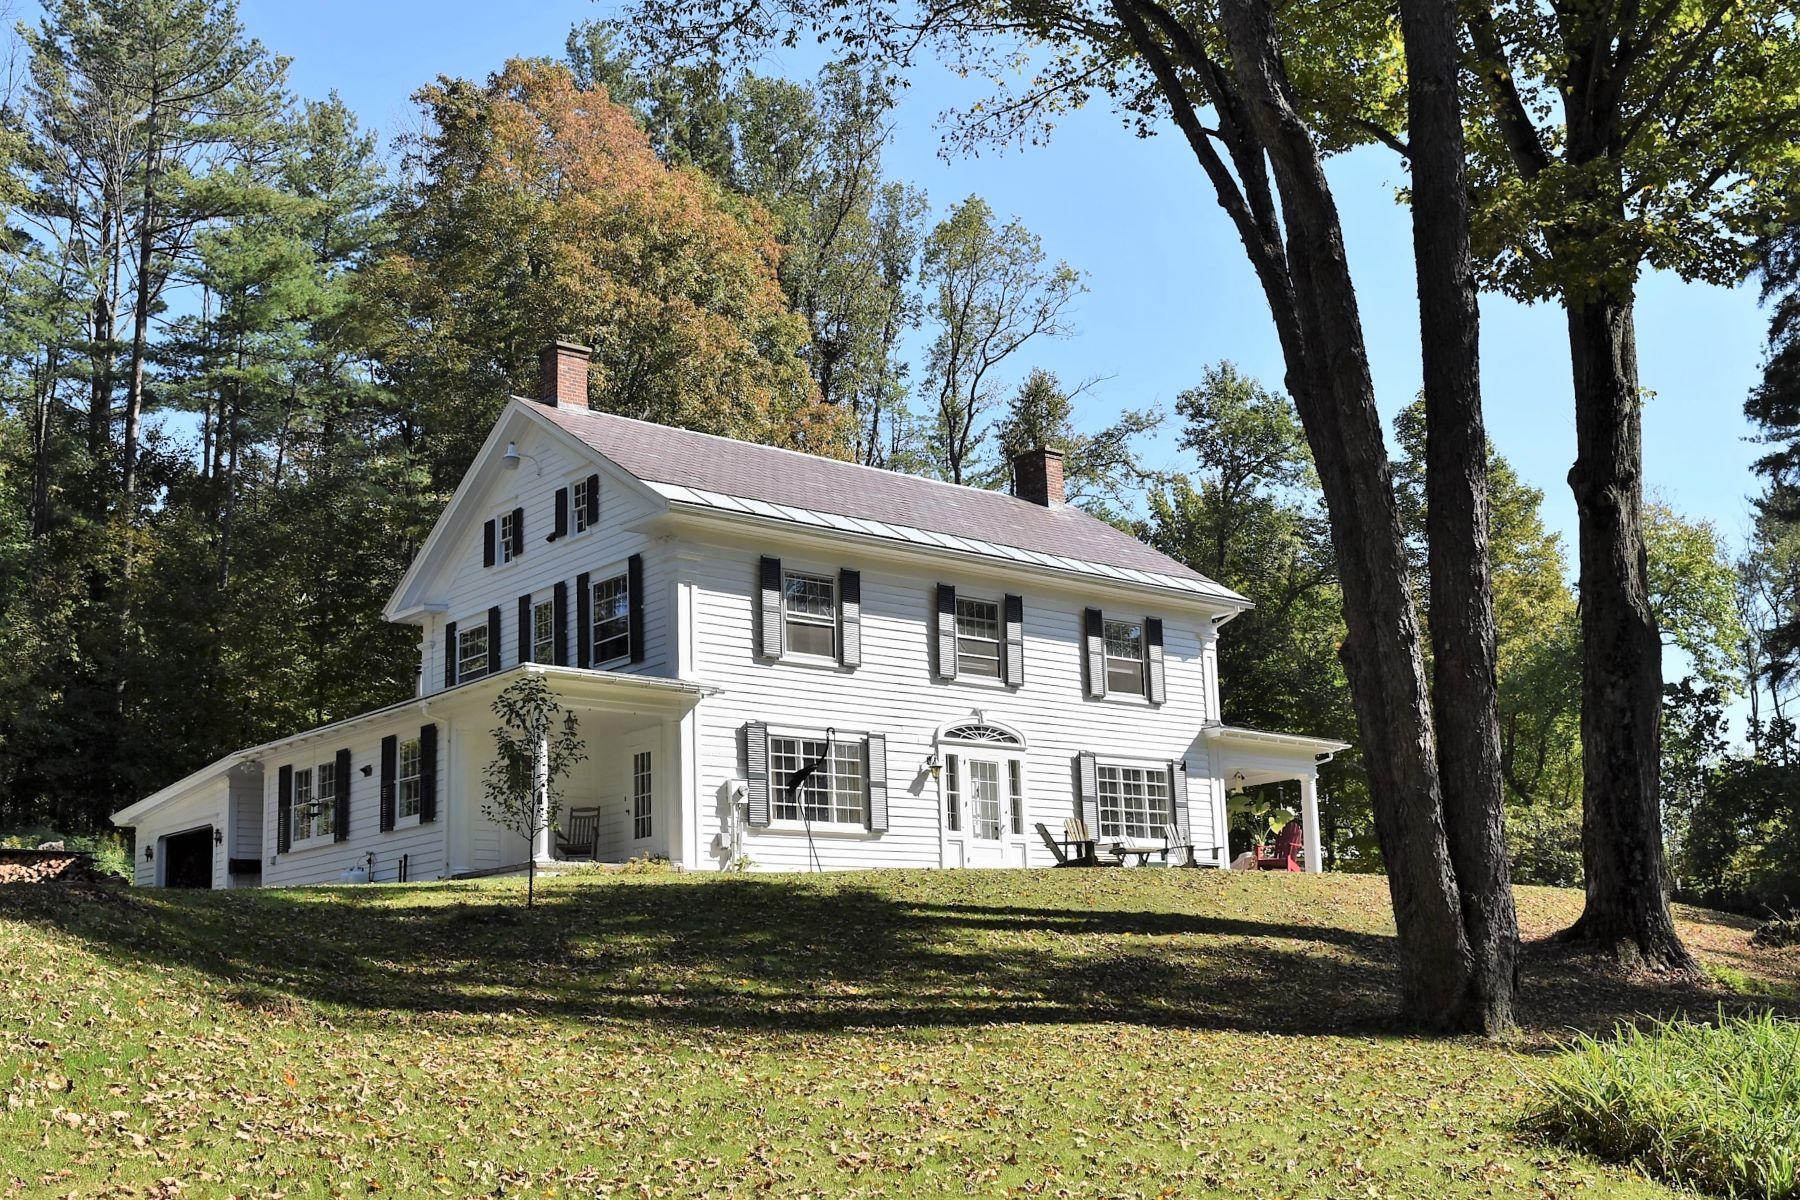 Частный односемейный дом для того Продажа на Prestigious Setting-1.82 Acres 272 Grove, Rutland, Вермонт, 05701 Соединенные Штаты